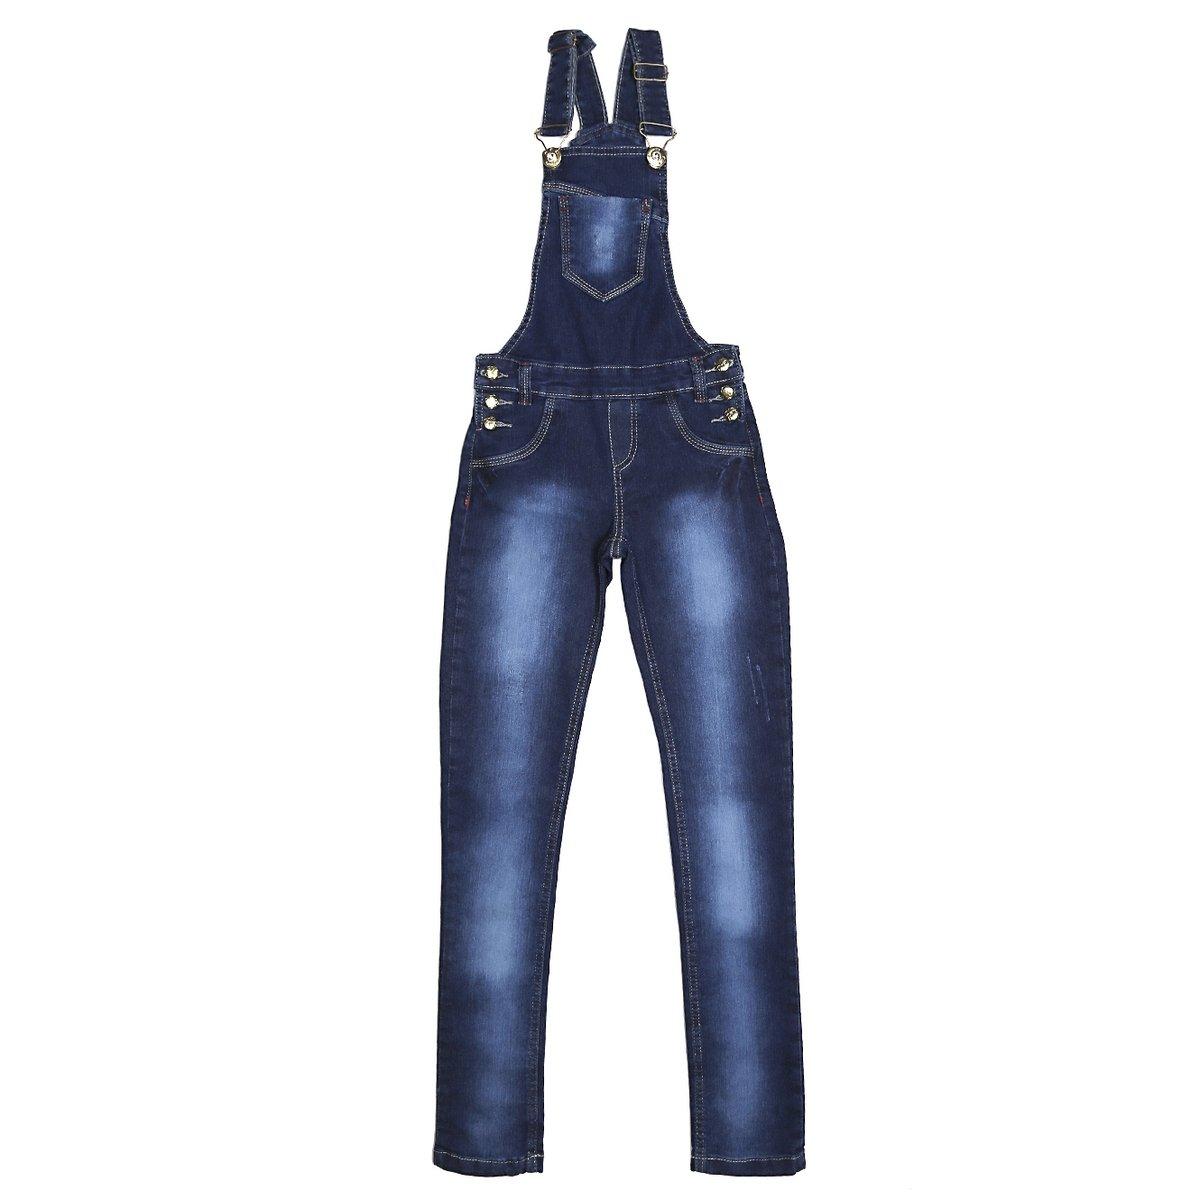 7b12aedf0 Macacão Jeans Juvenil Para Menina Jardineira Azul - Compre Agora ...